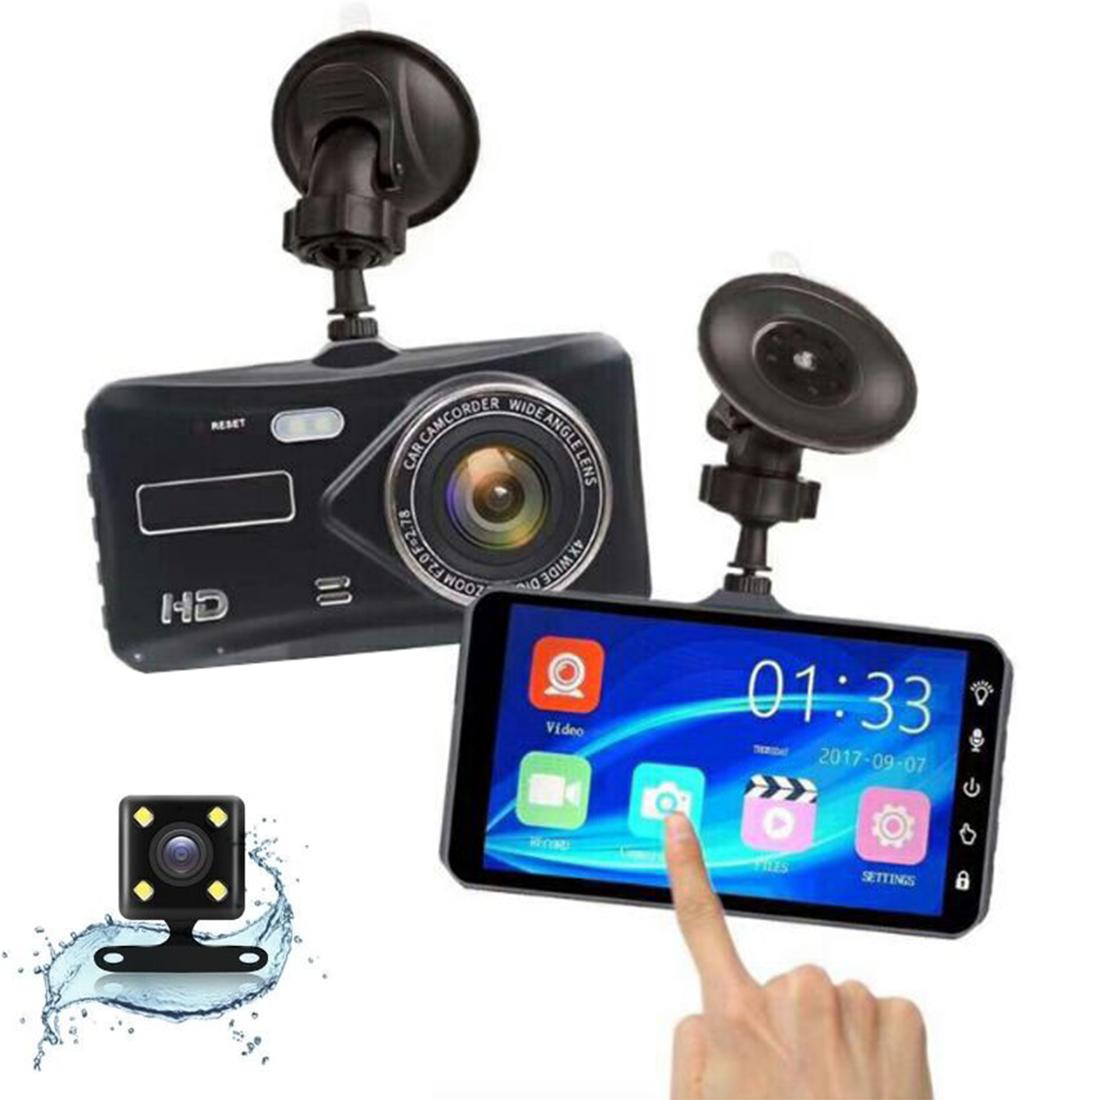 camera-hanh-trinh-xe-hoi-v10-man-cam-ung-3-2inch